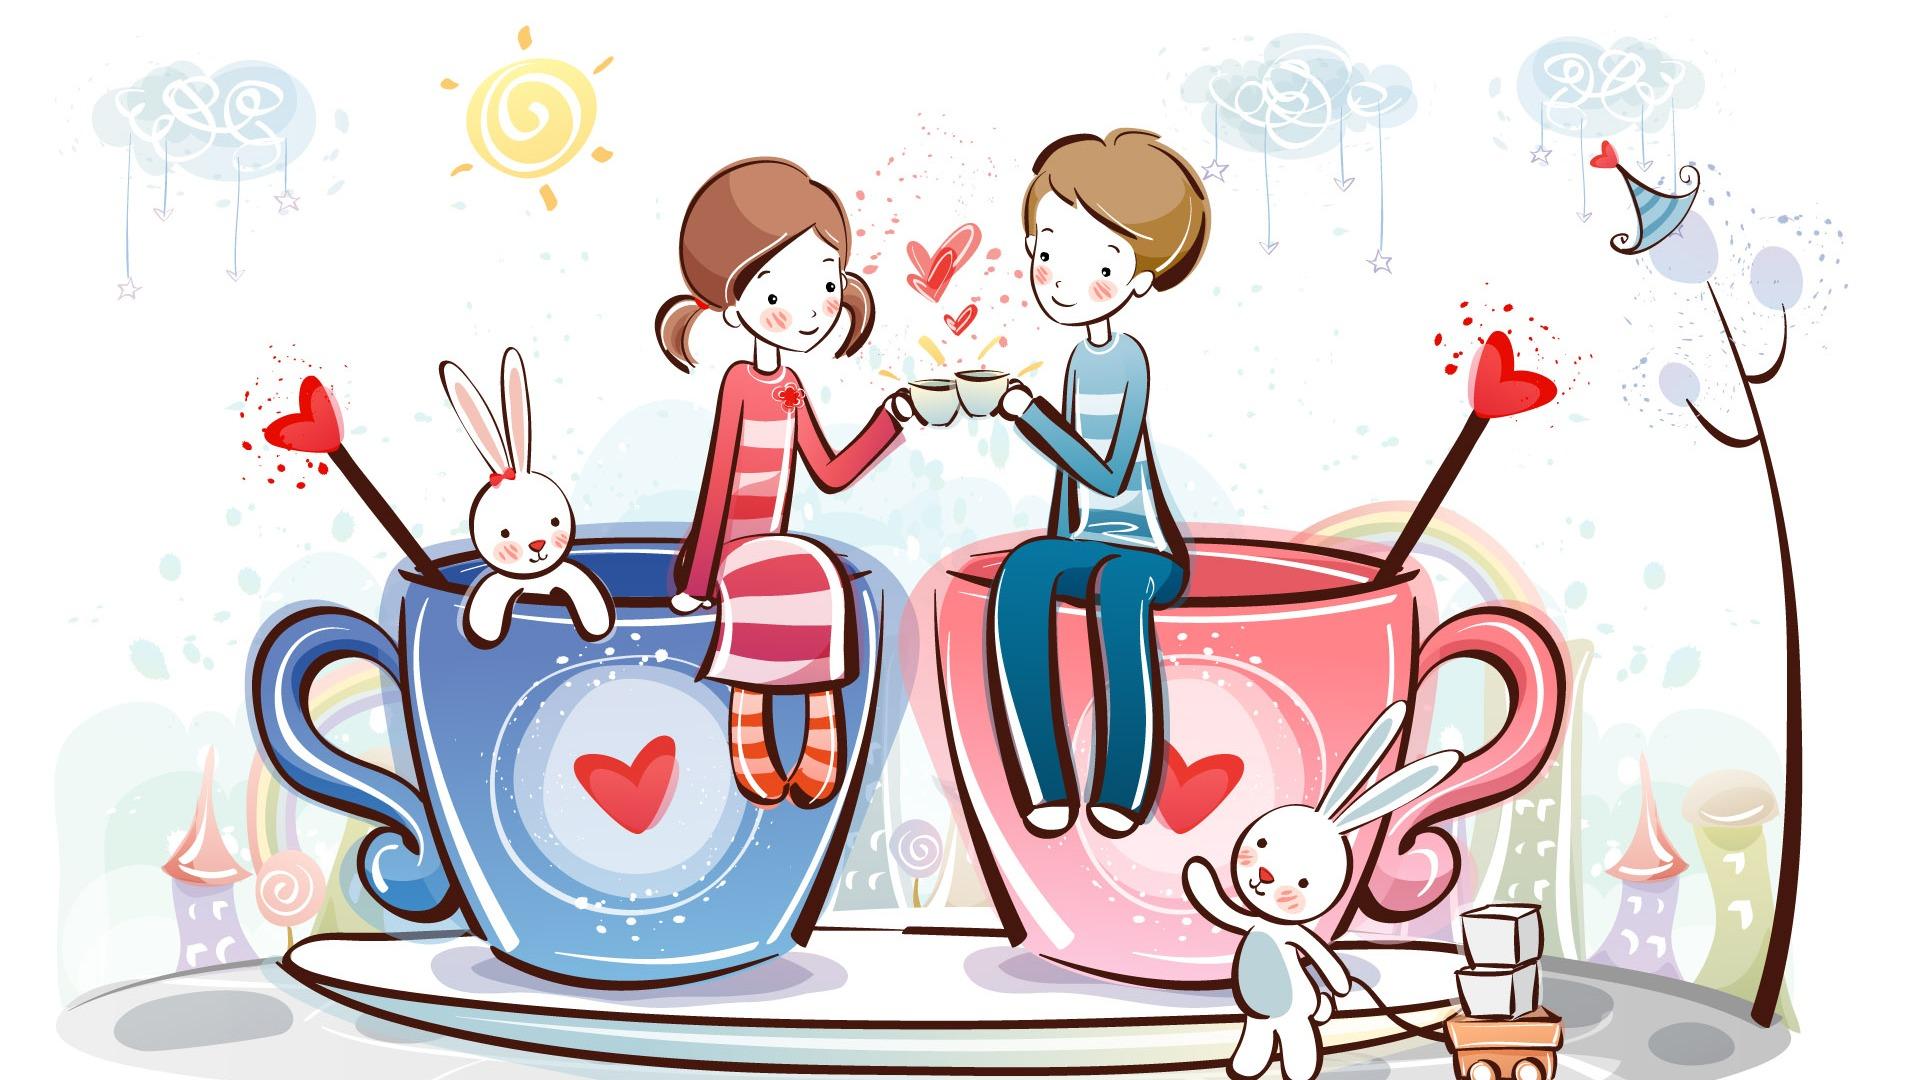 Fondos De Pantalla Animados De San Valentín: Fondos De Pantalla De Dibujos Animados De San Valentín (2